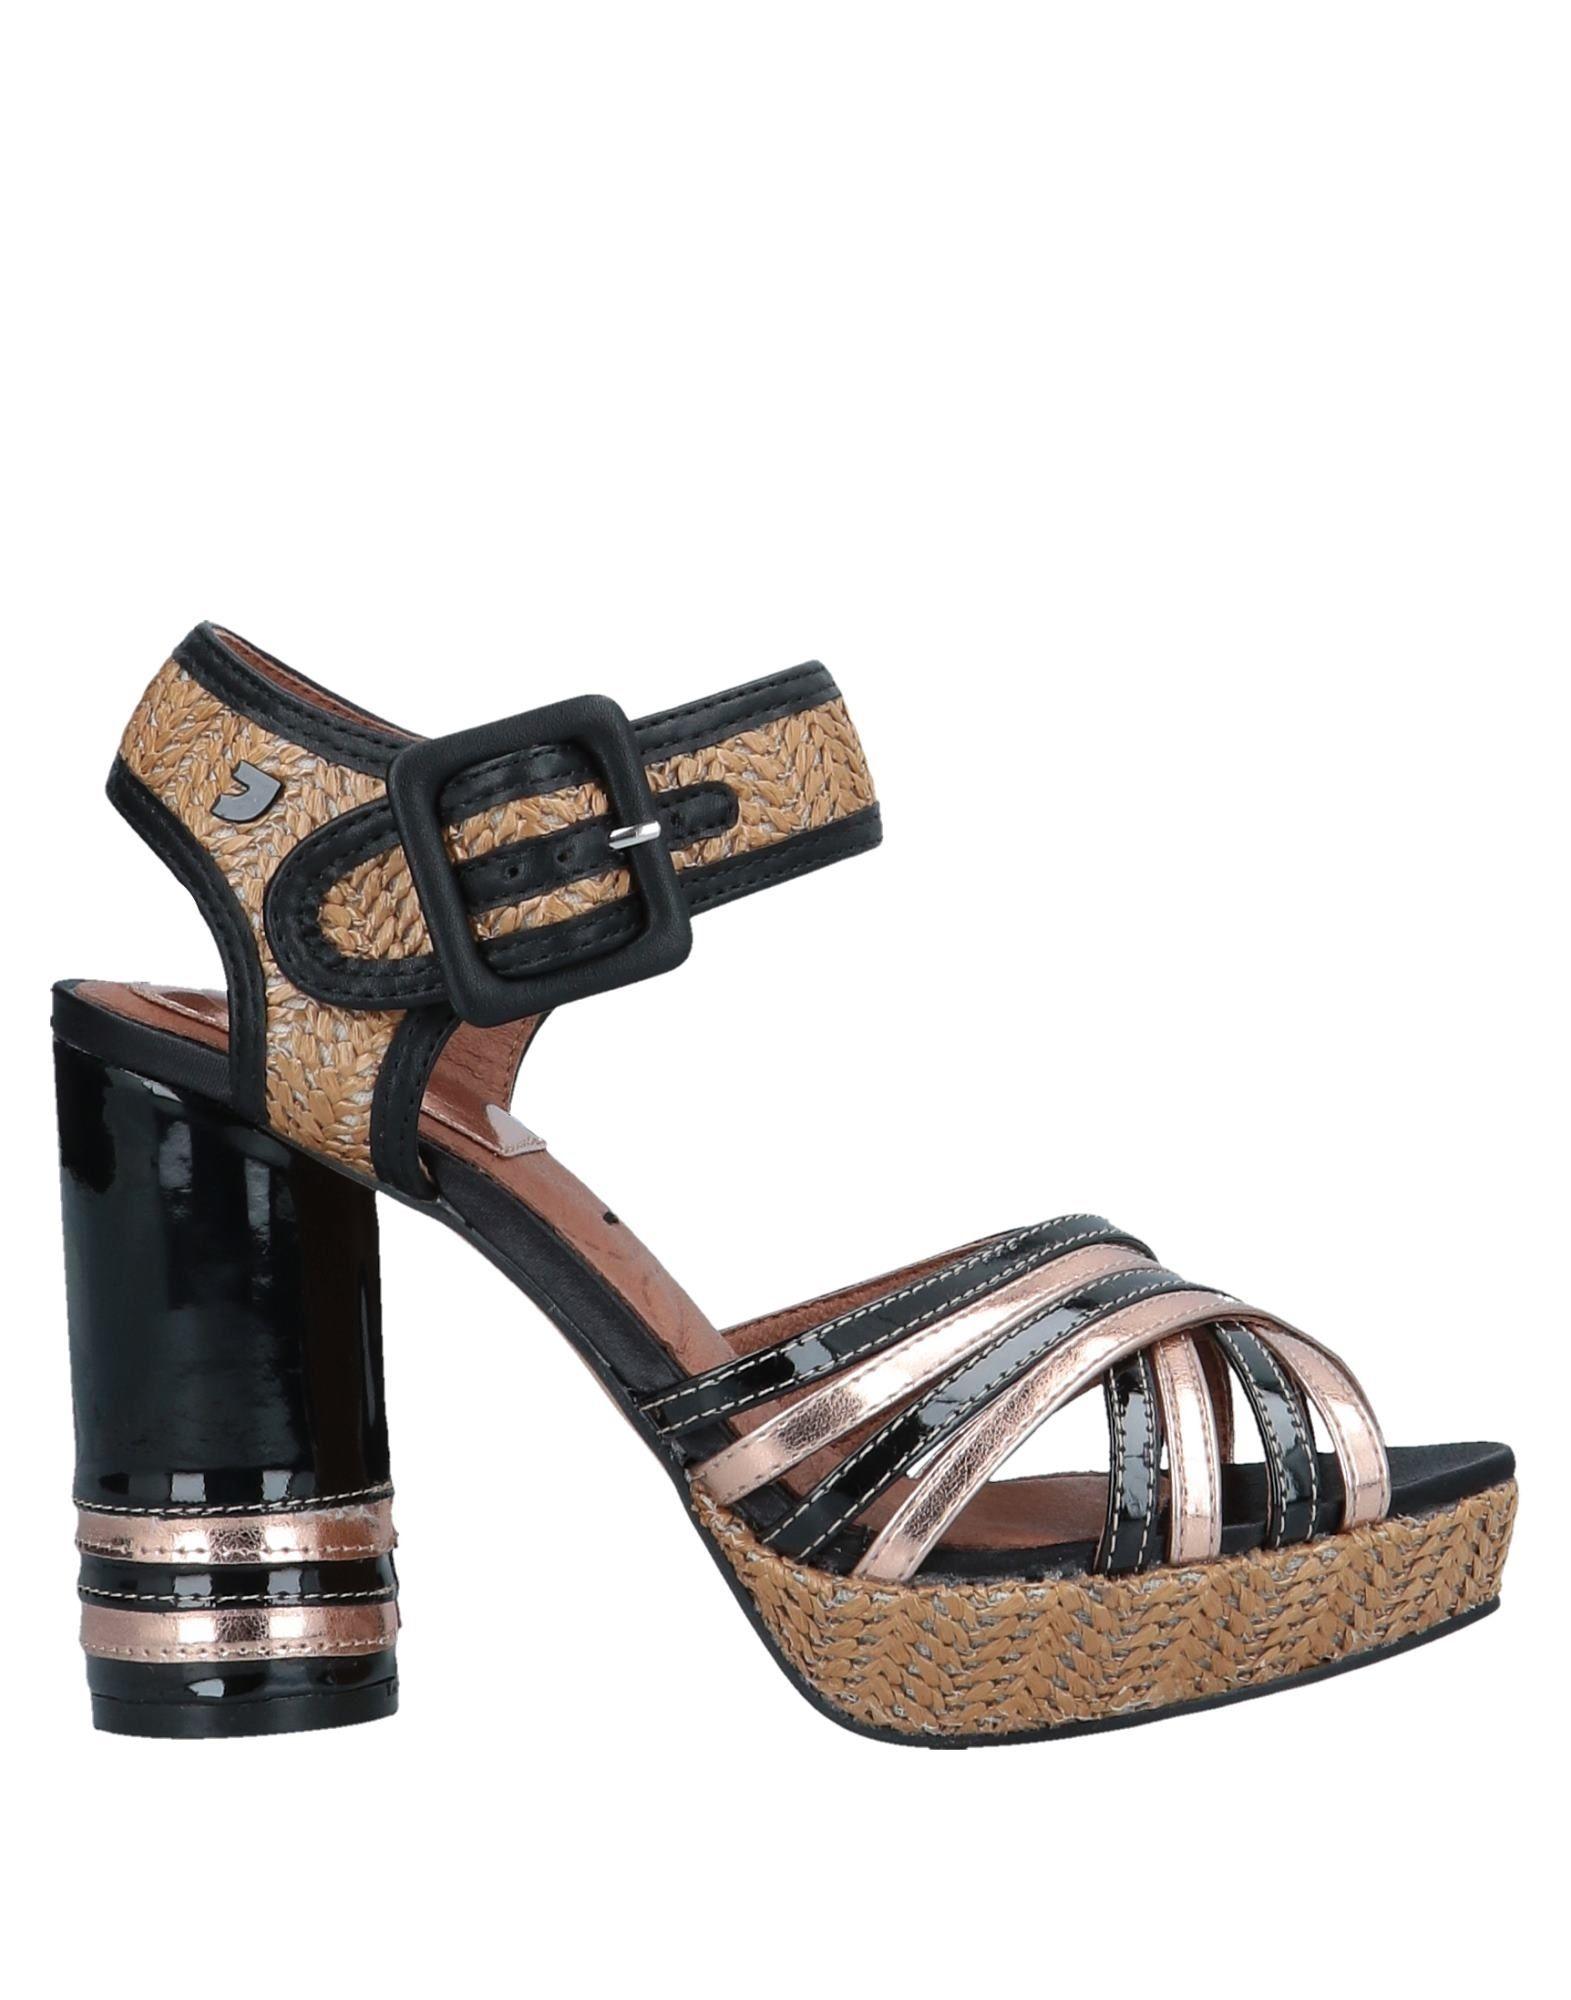 Sandali Gioseppo comode Donna - 11575427EC Scarpe comode Gioseppo e distintive 9660a2